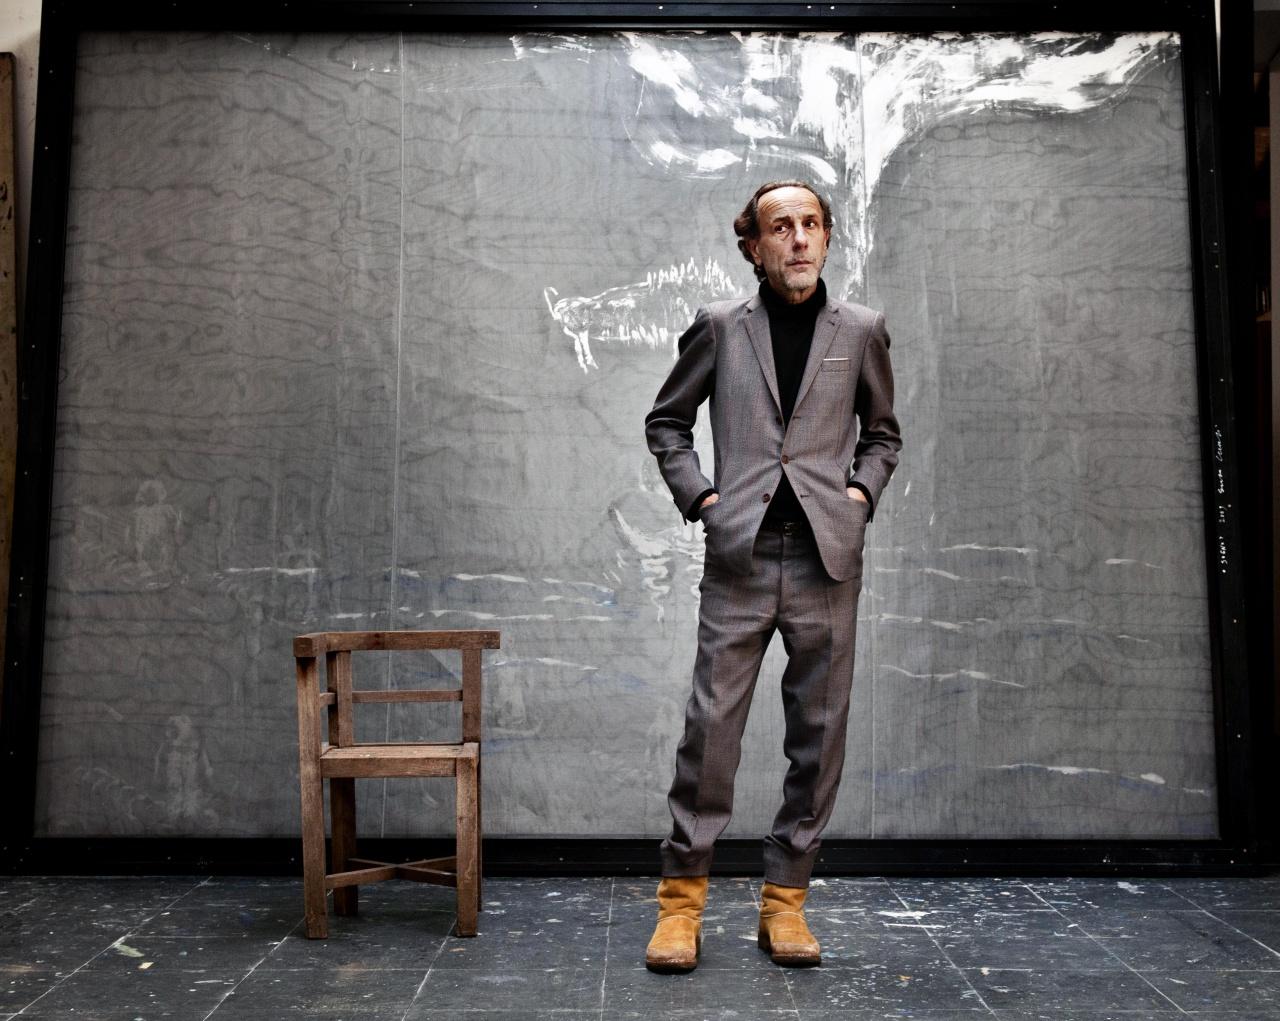 Painter Enzo Cucchi